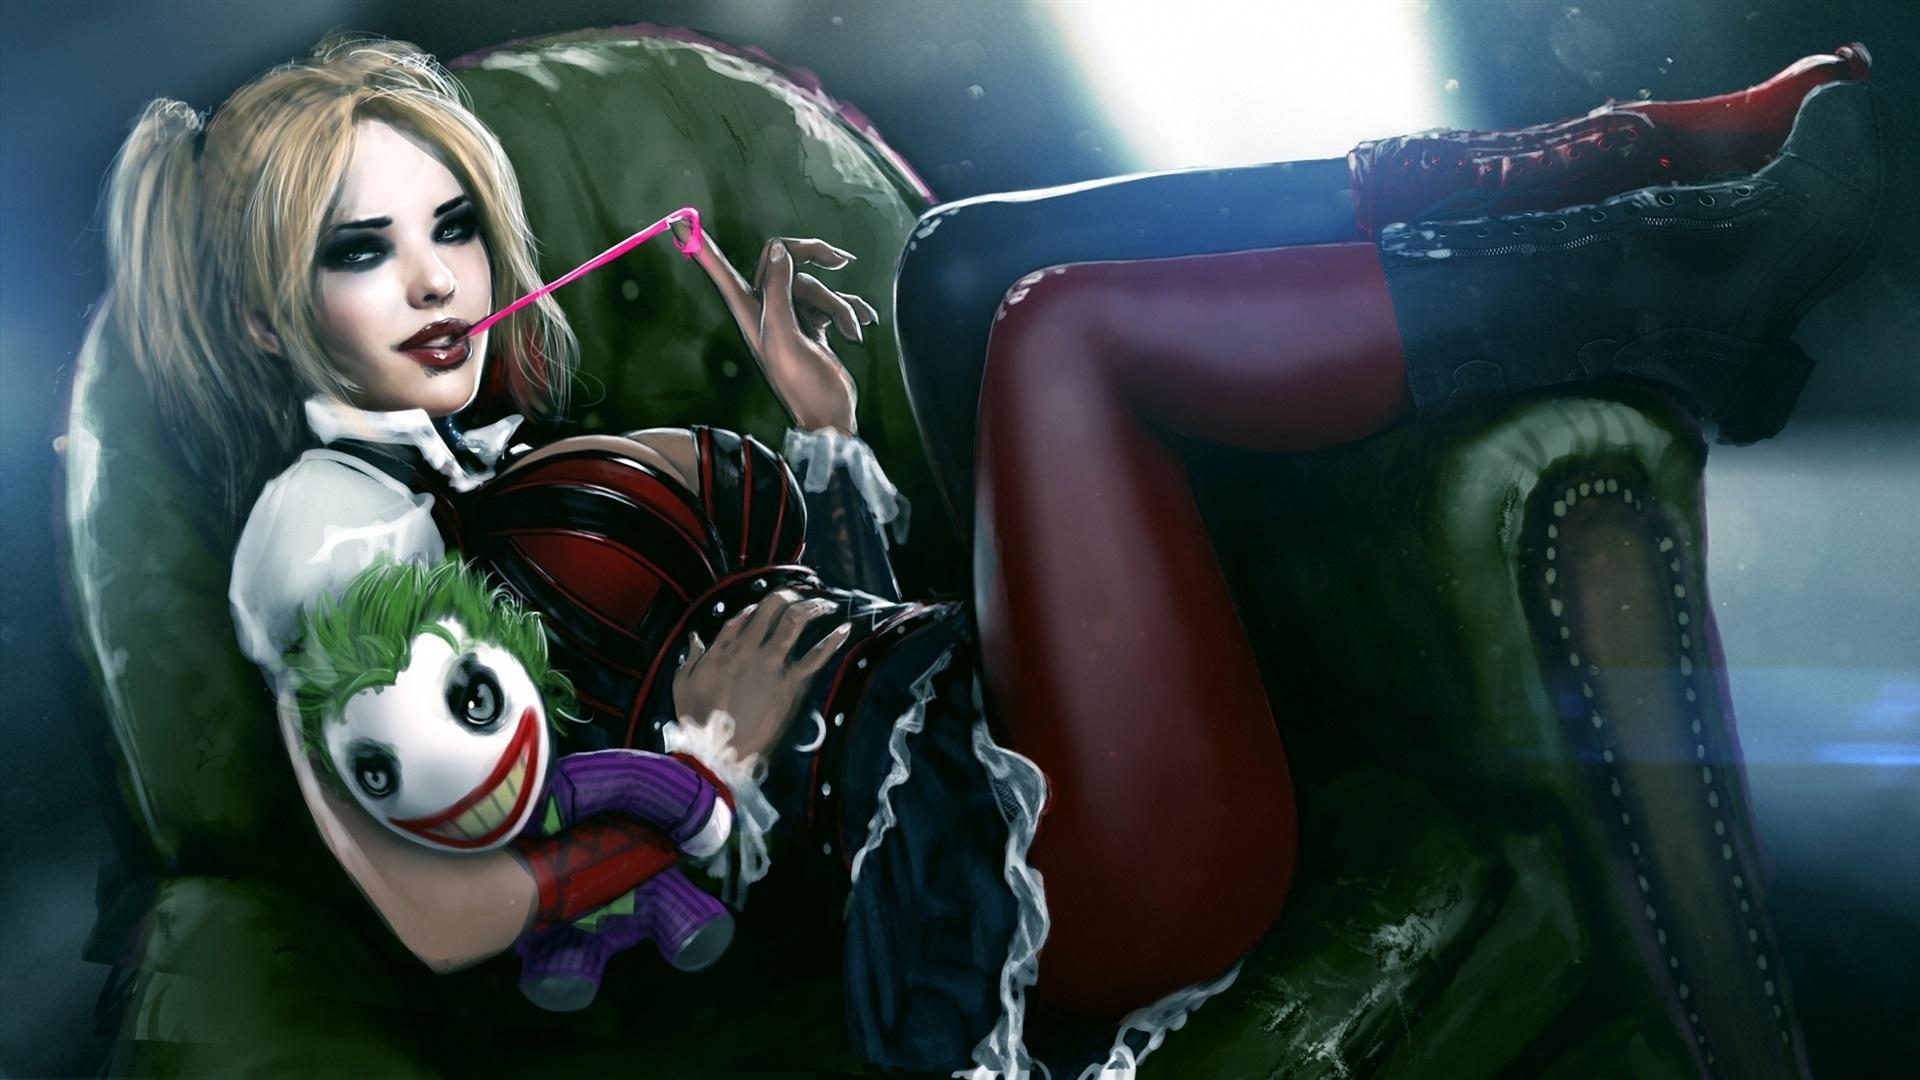 Wallpaper Harley Quinn Joker Gum Toy Art Painting